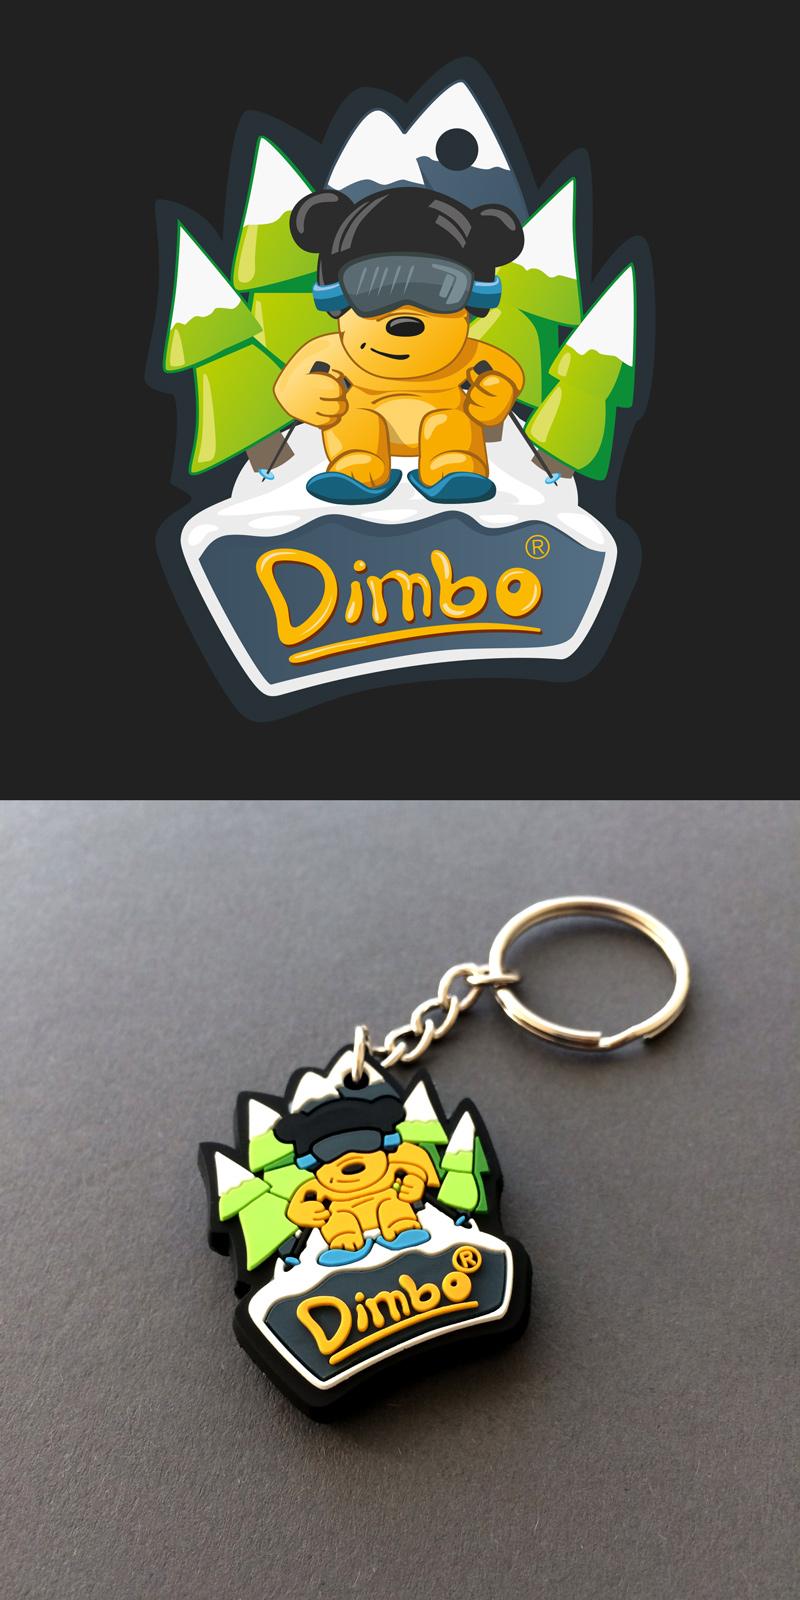 Dimbo's keychain